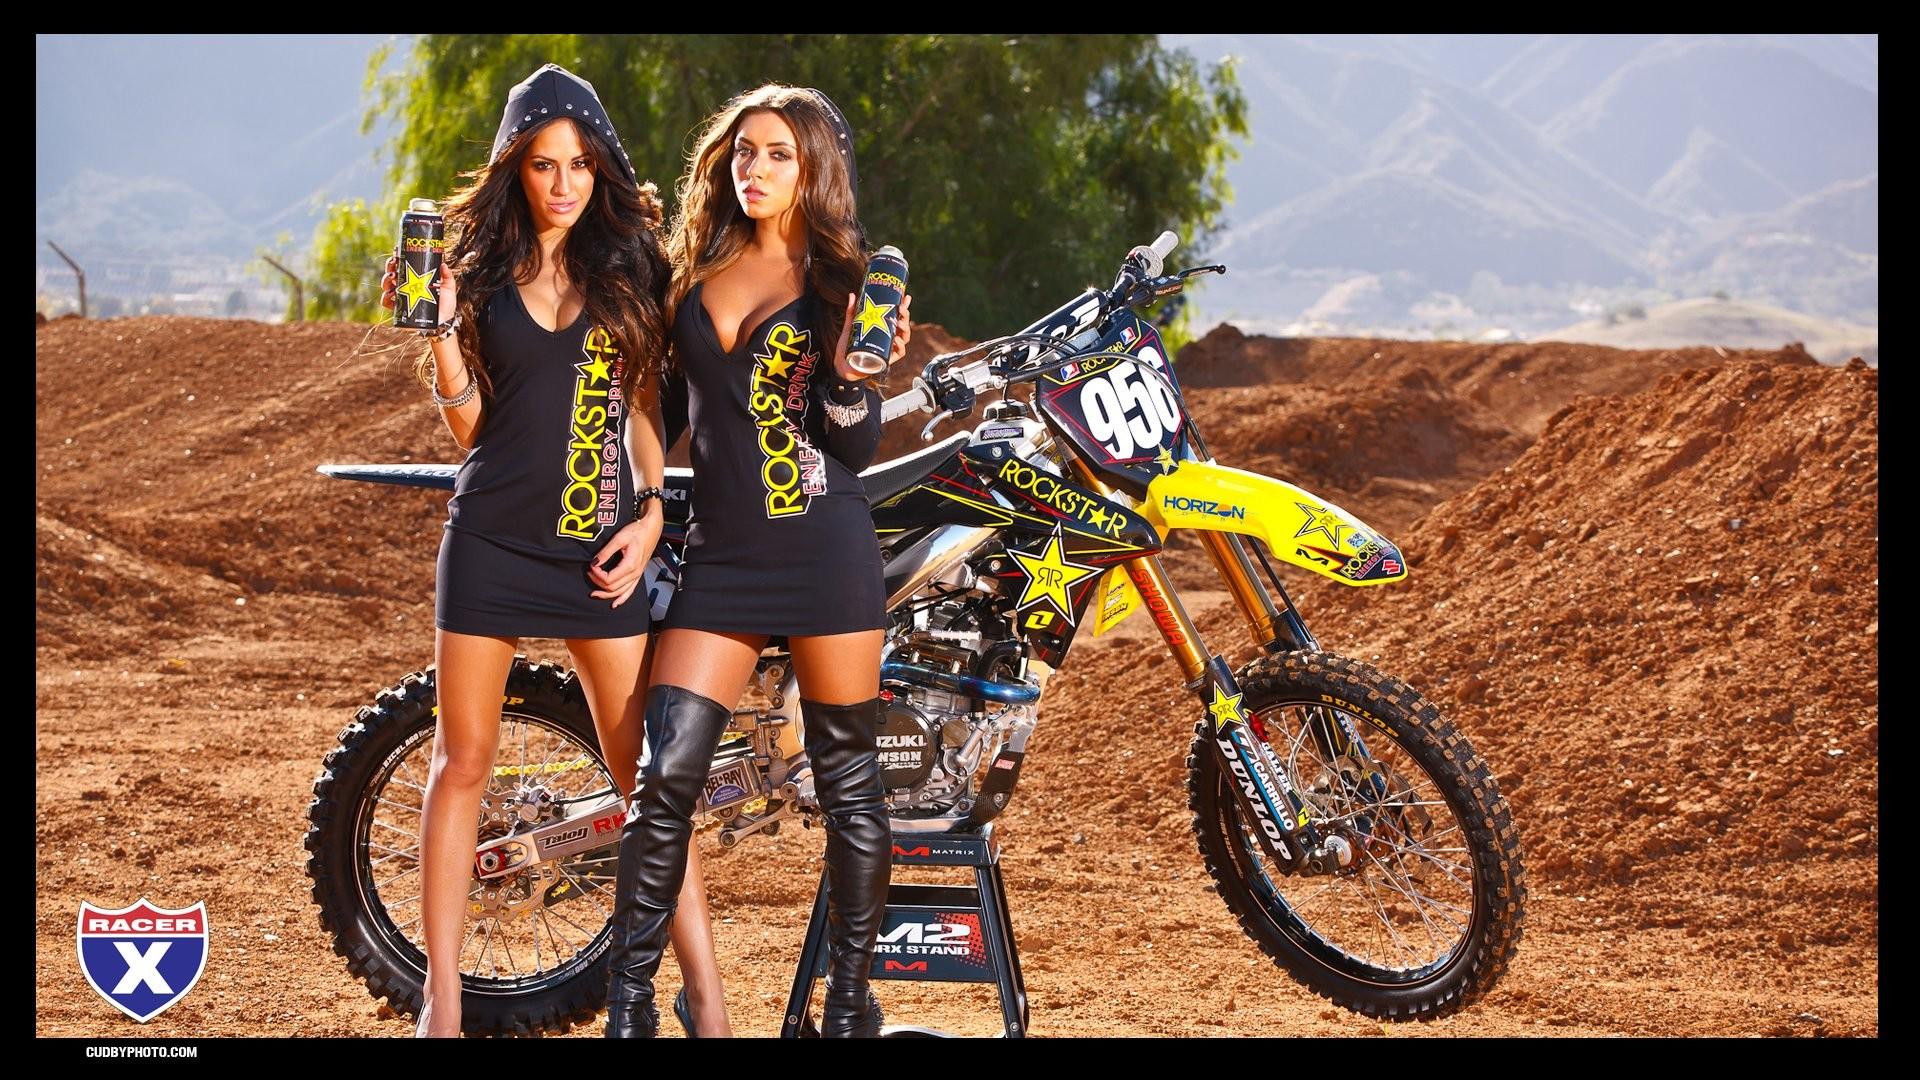 Motocross Girls Wallpaper